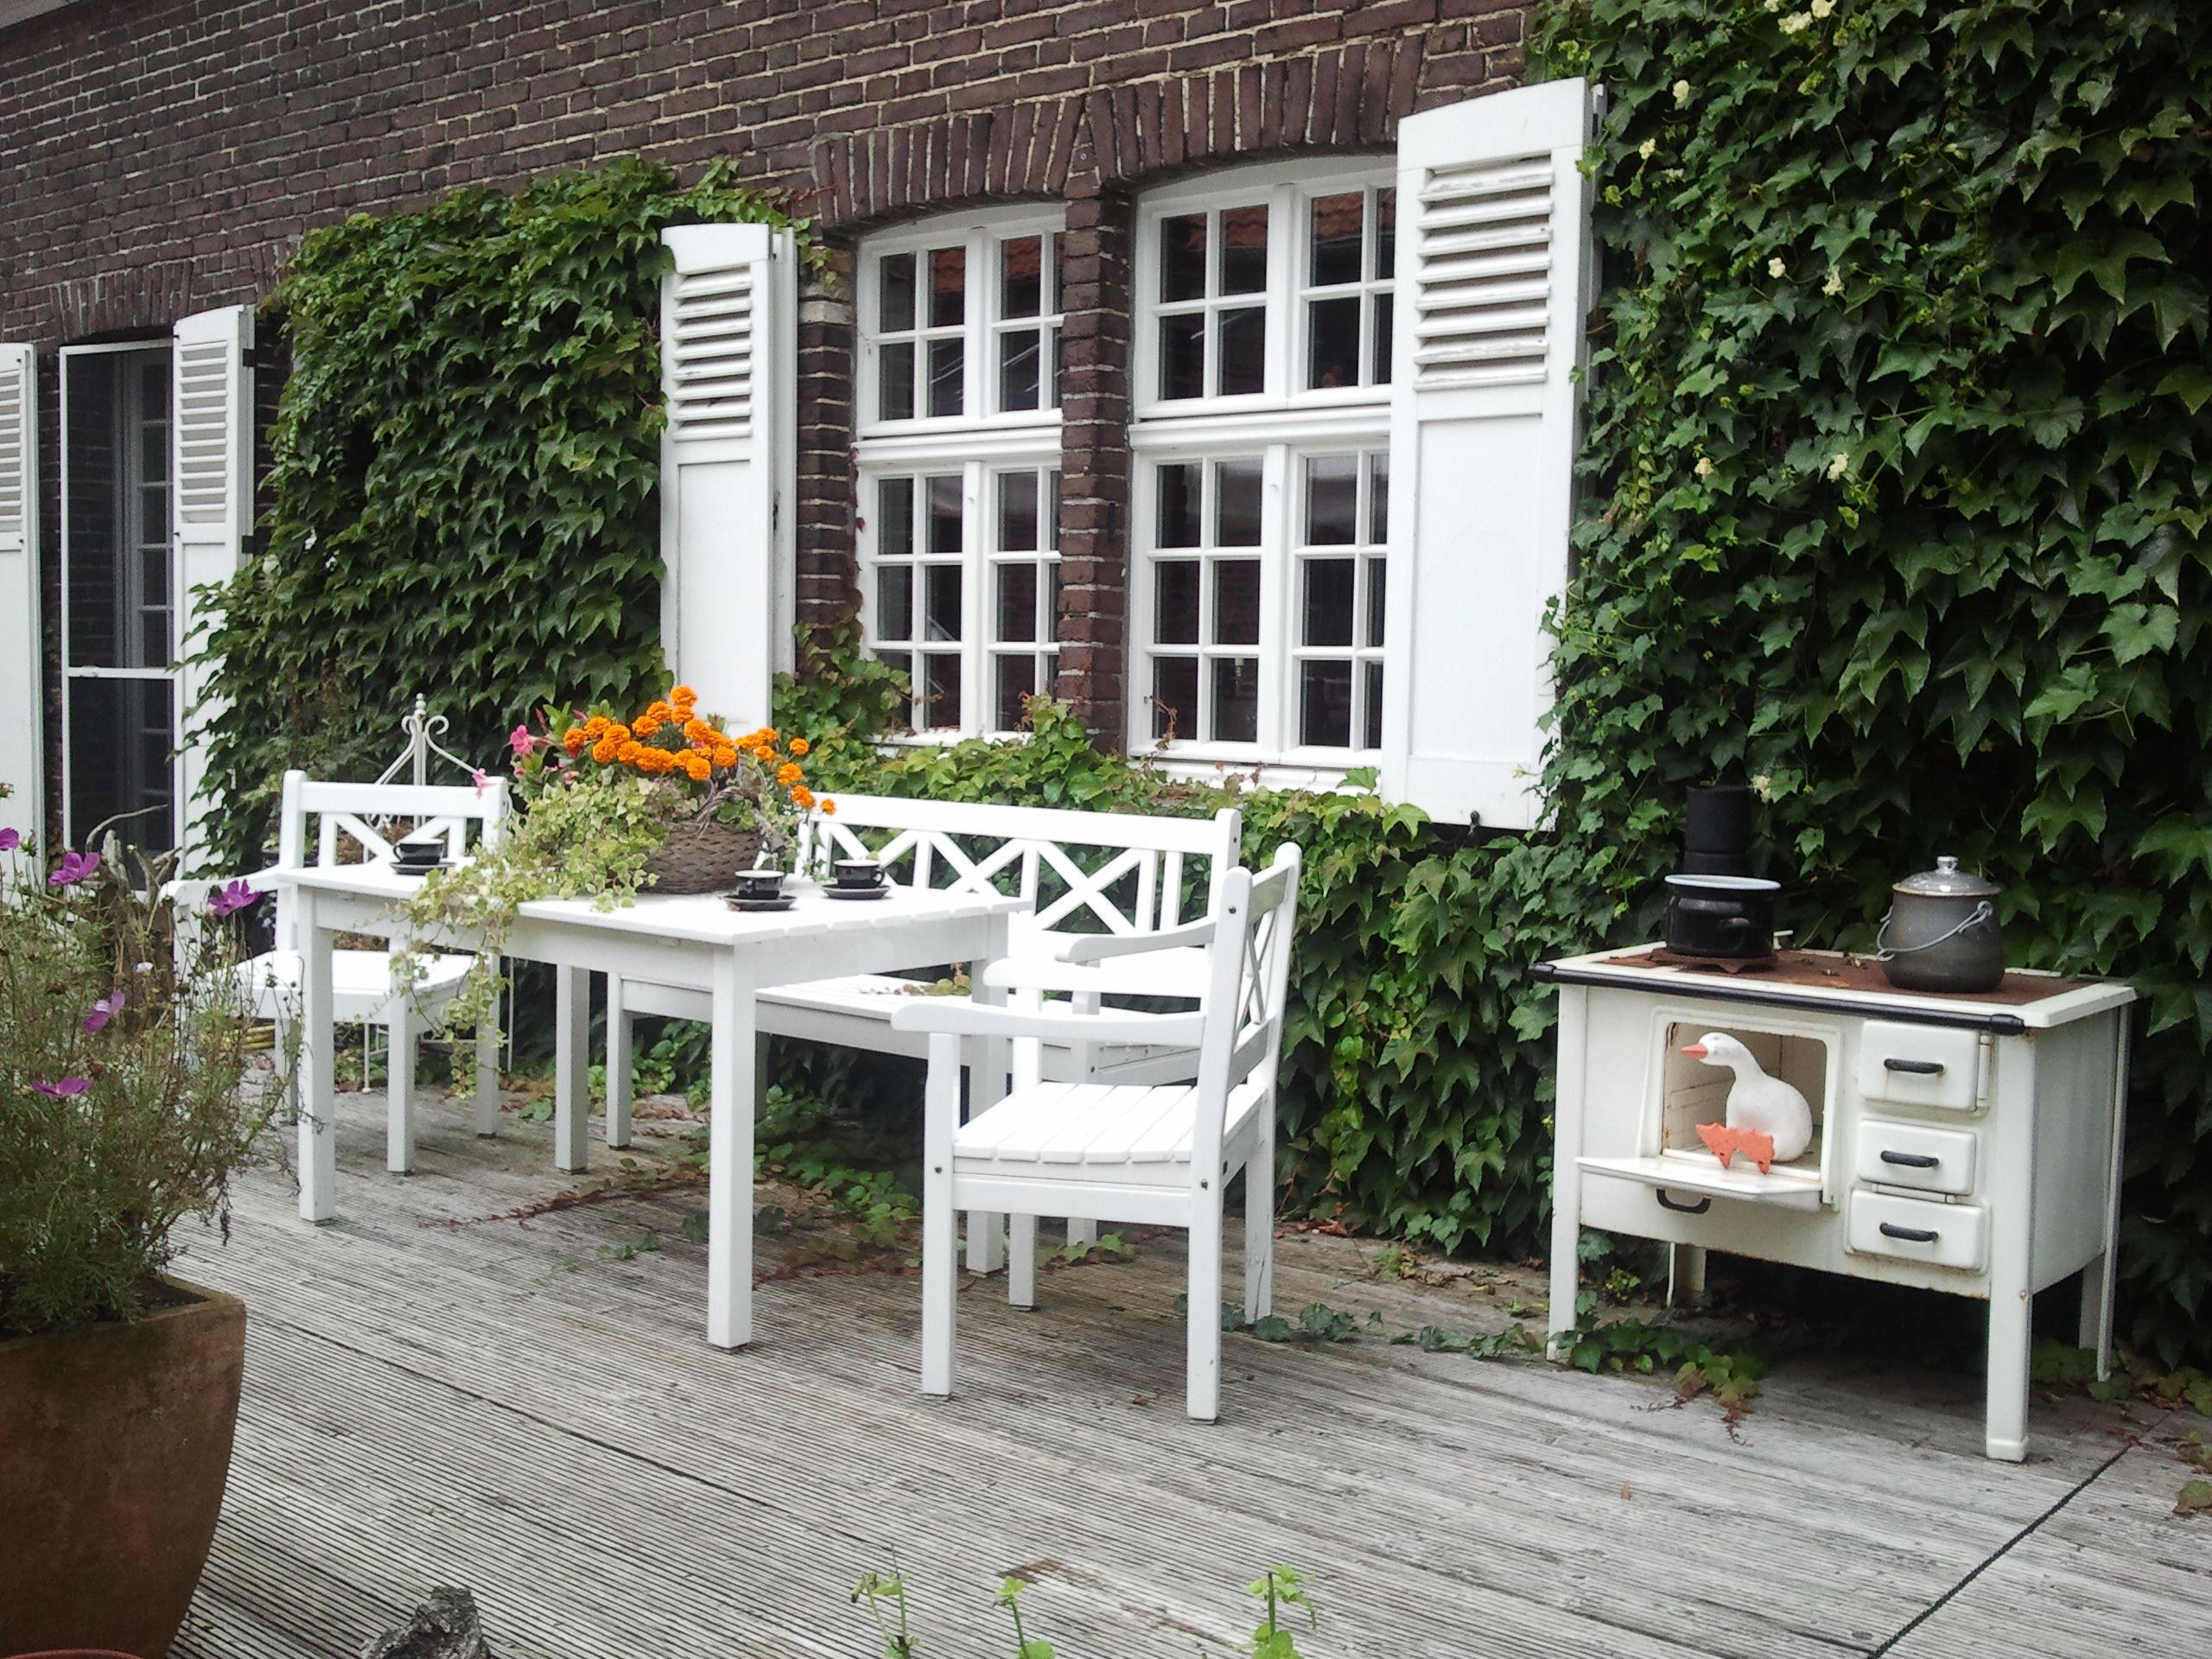 Schön Gartendeko Aus Alten Holzbalken Ideen